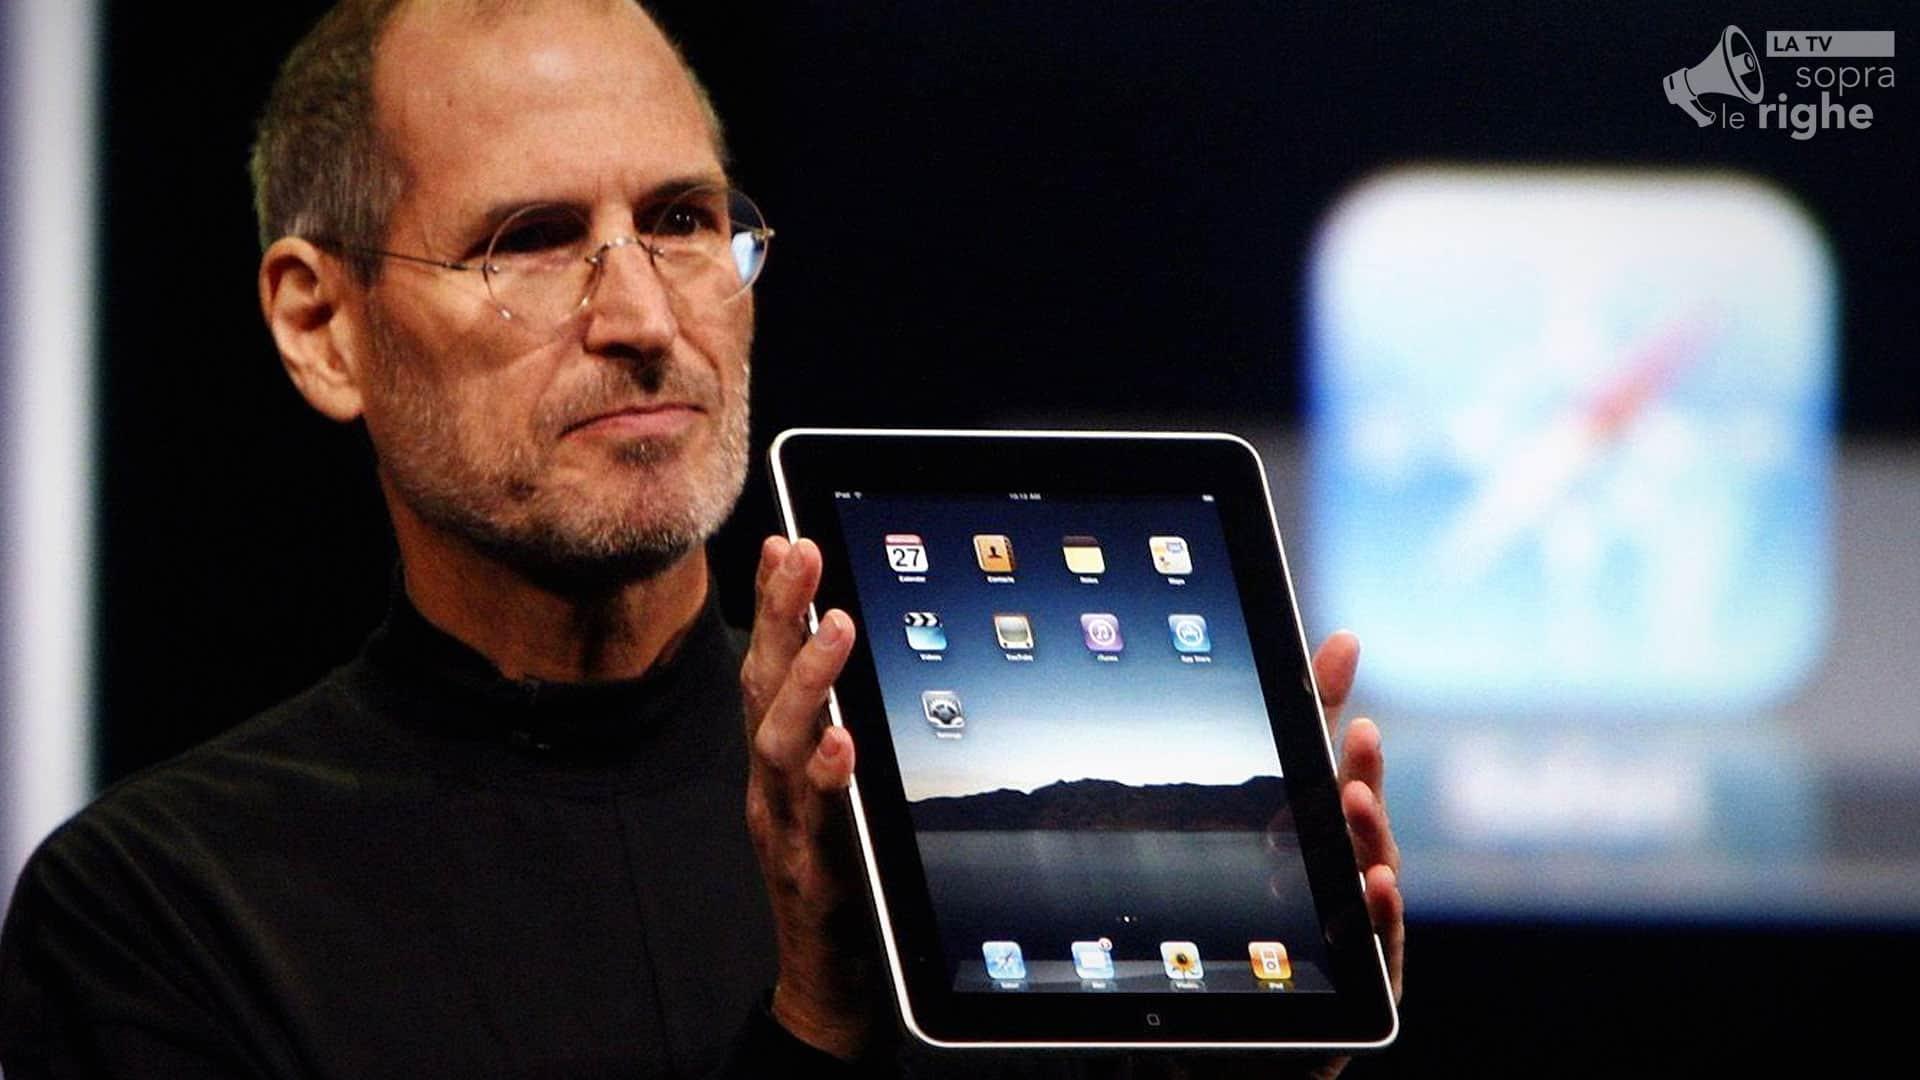 Riflessioni su Apple iPad: il device che ha definito un nuovo mercato